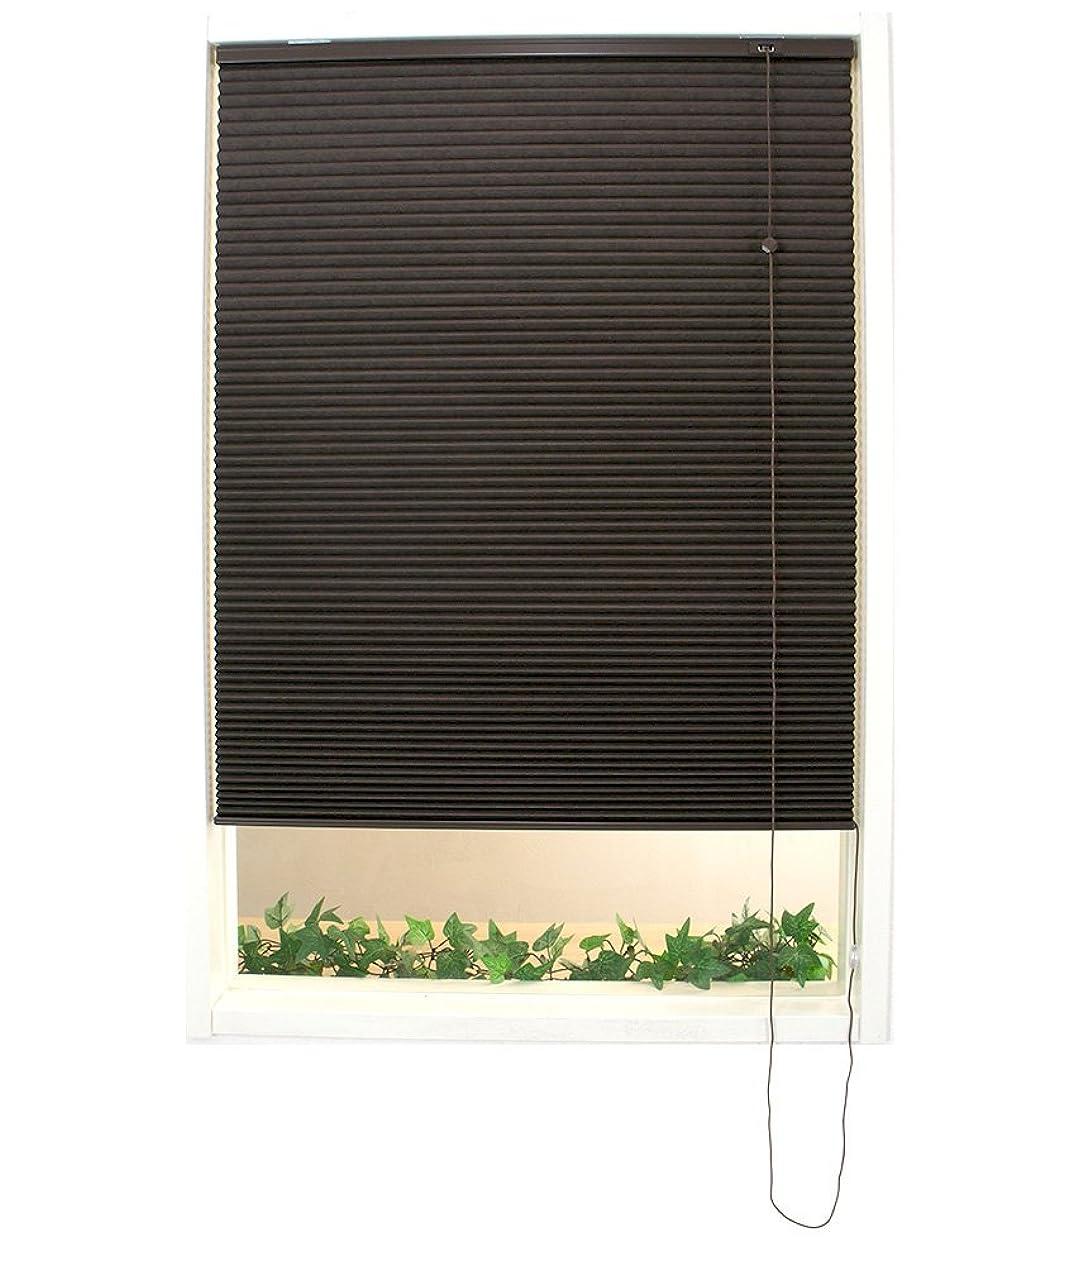 インディカエアコンみサイズオーダー ロールスクリーン ハニカムシェード JQ14 [Bee Bee シングルプレーンタイプ] ■ブラウン【S103】 ▼幅61-90、丈151-180cm